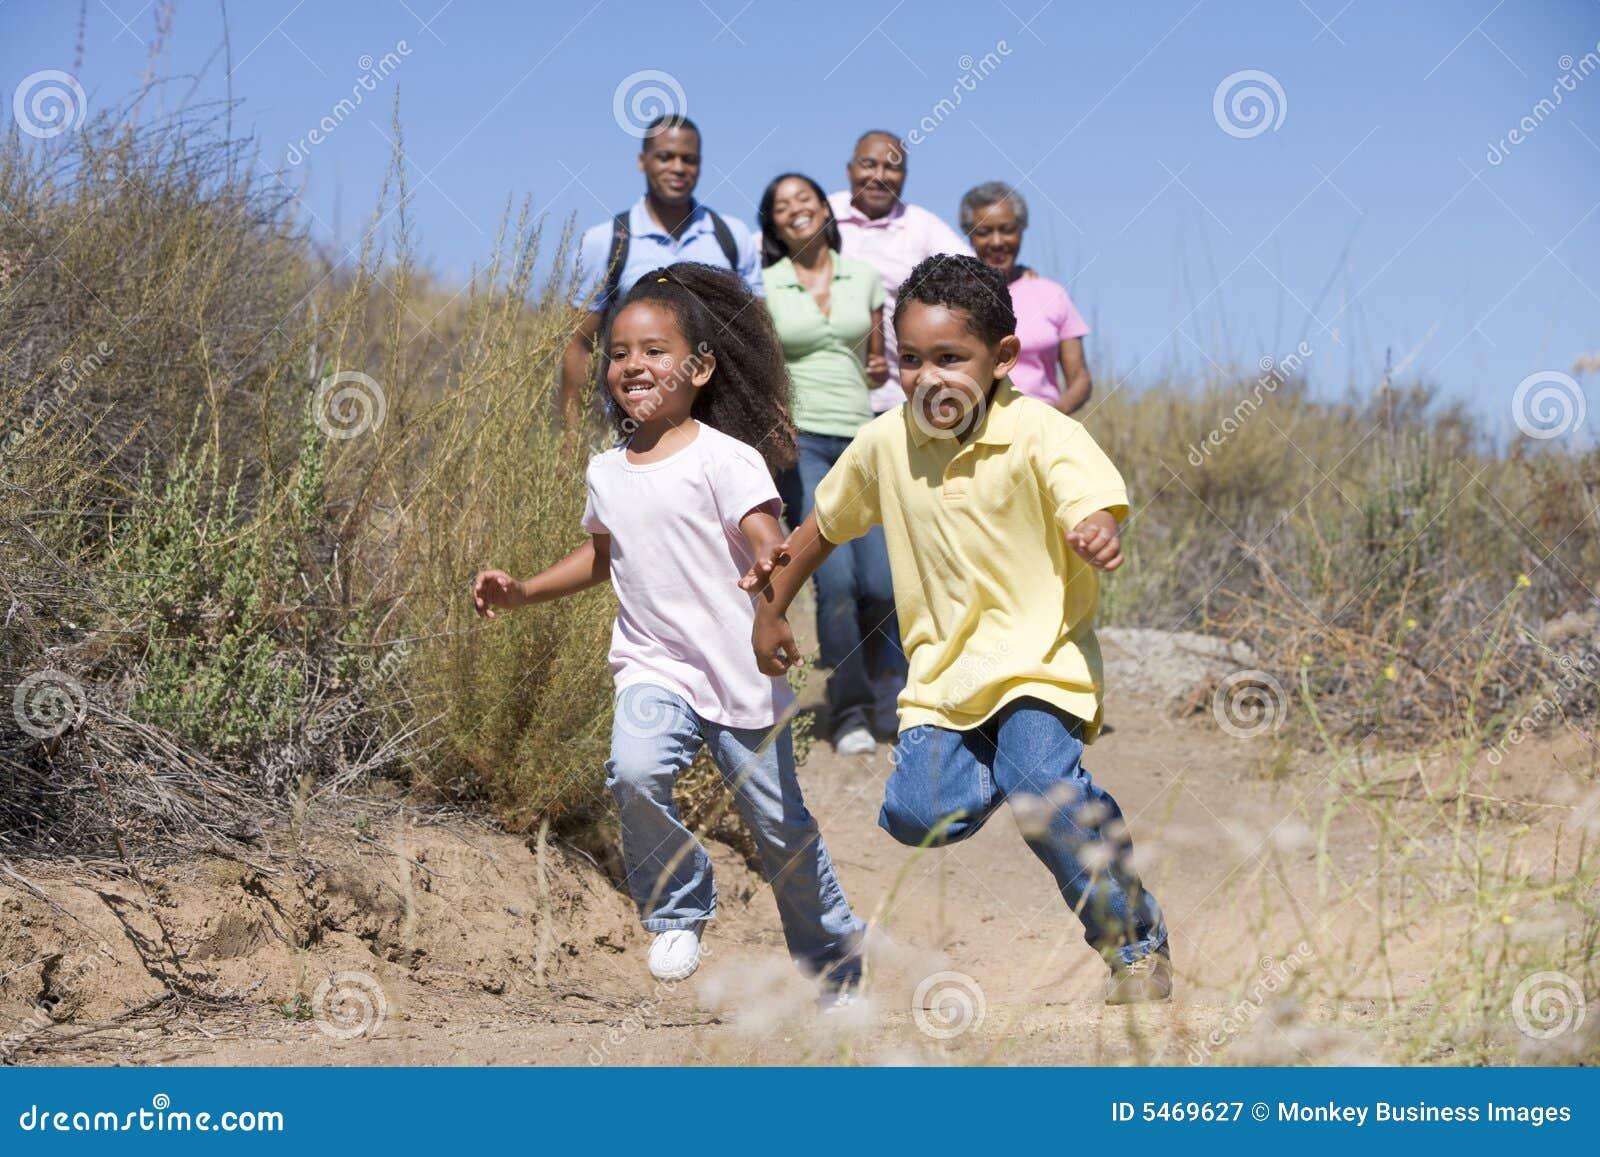 Famille étendu marchant dans la campagne